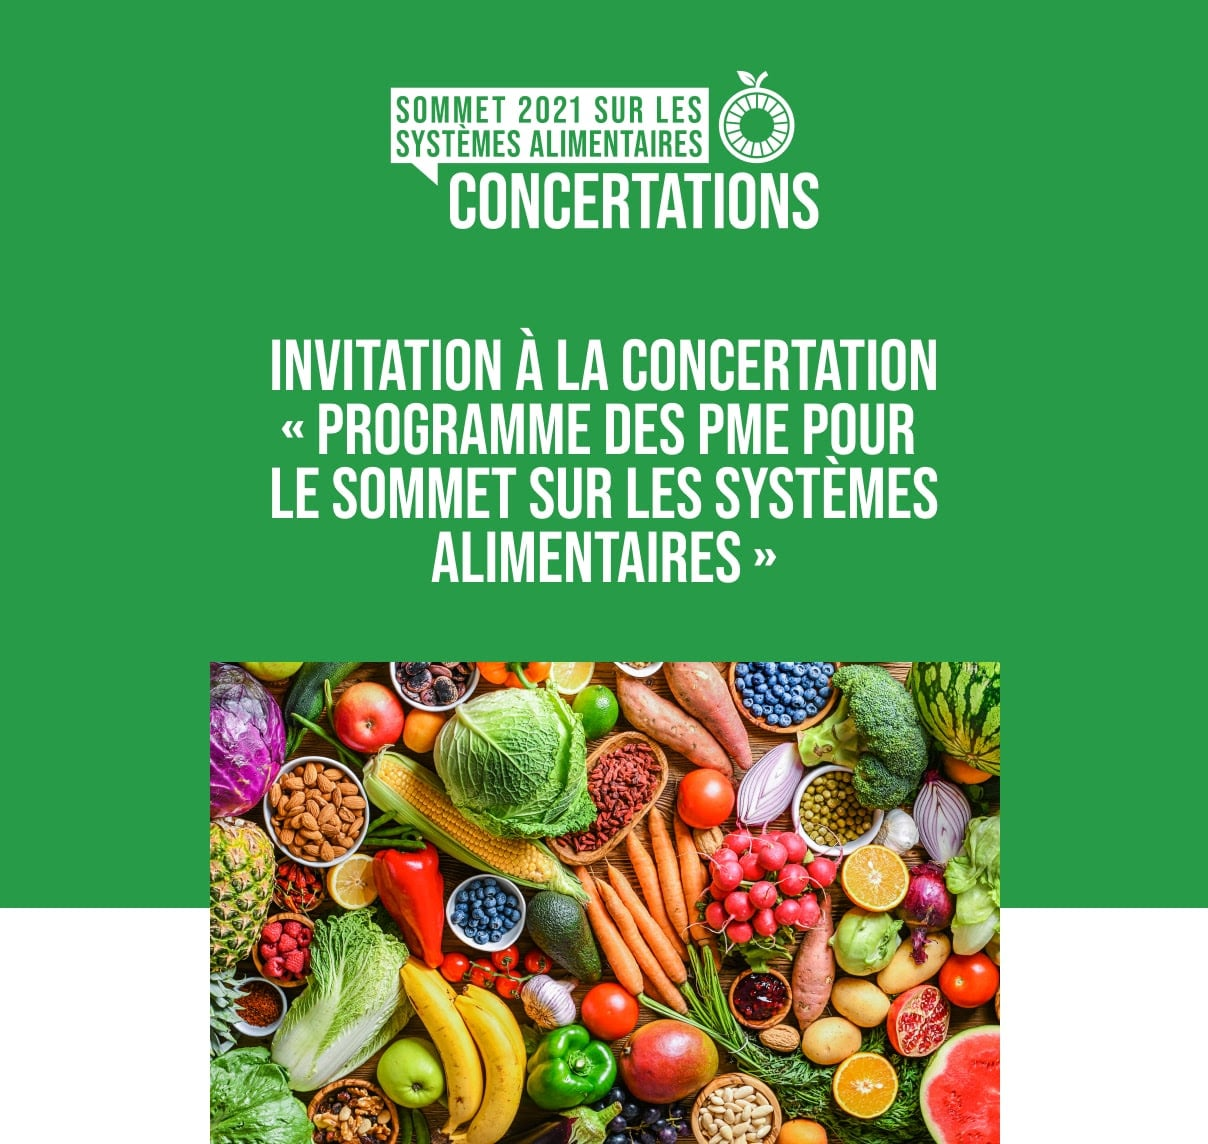 Programme des petites et moyennes entreprises pour le Sommet sur les systèmes alimentaires